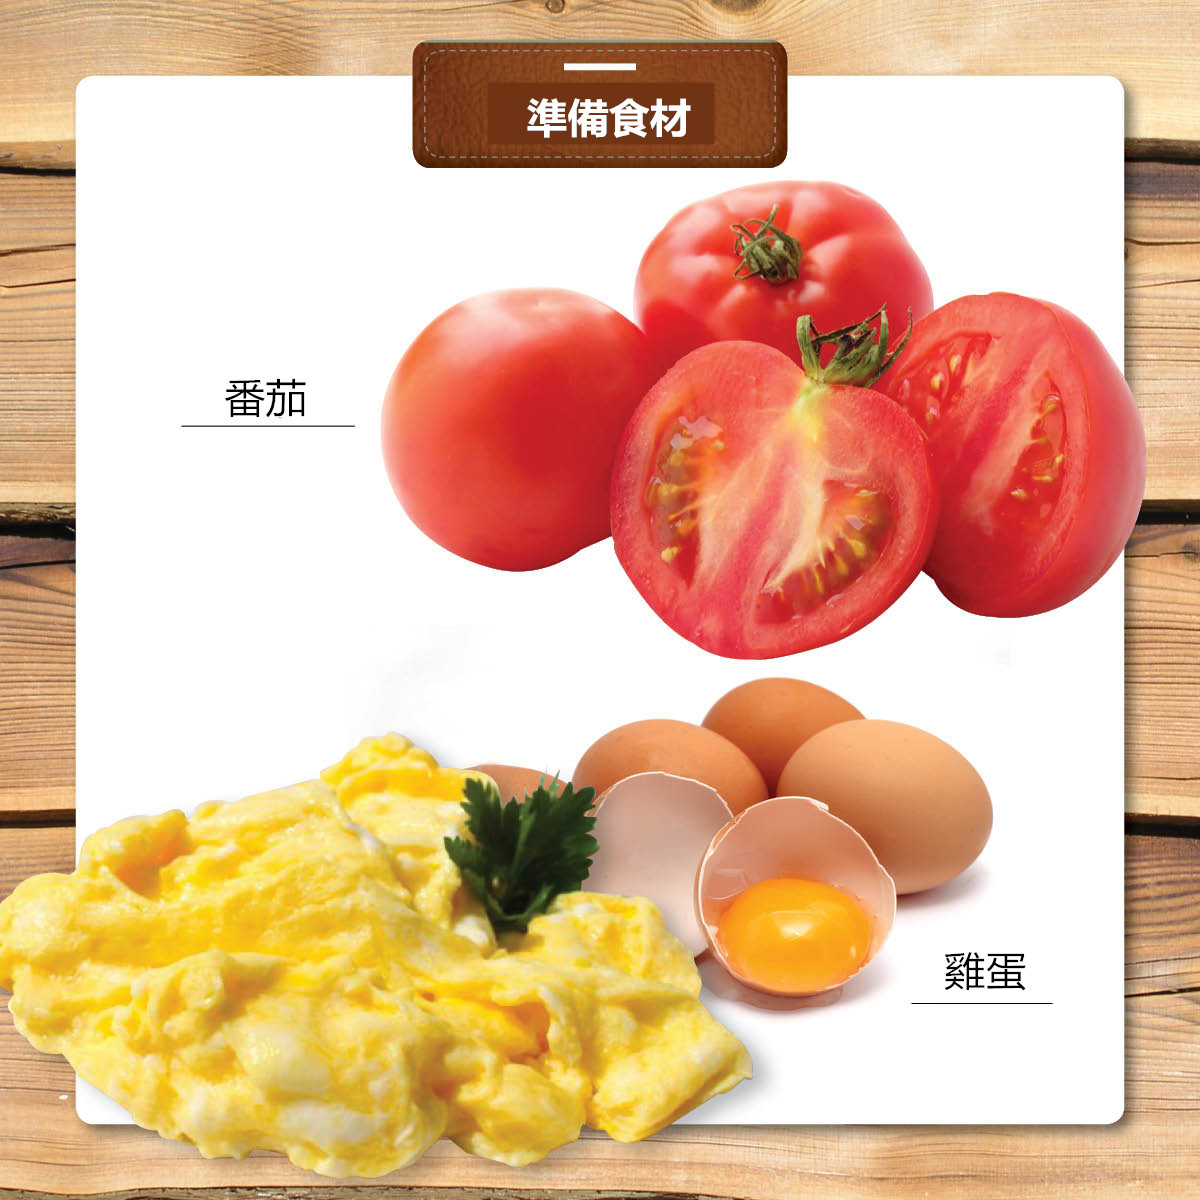 番茄加熱後所含的營養成分更豐富,搭配雞蛋的高蛋白質,只加鹽炒熟就好了~根據個人口味不同,還可以添加少量的胡椒粉。